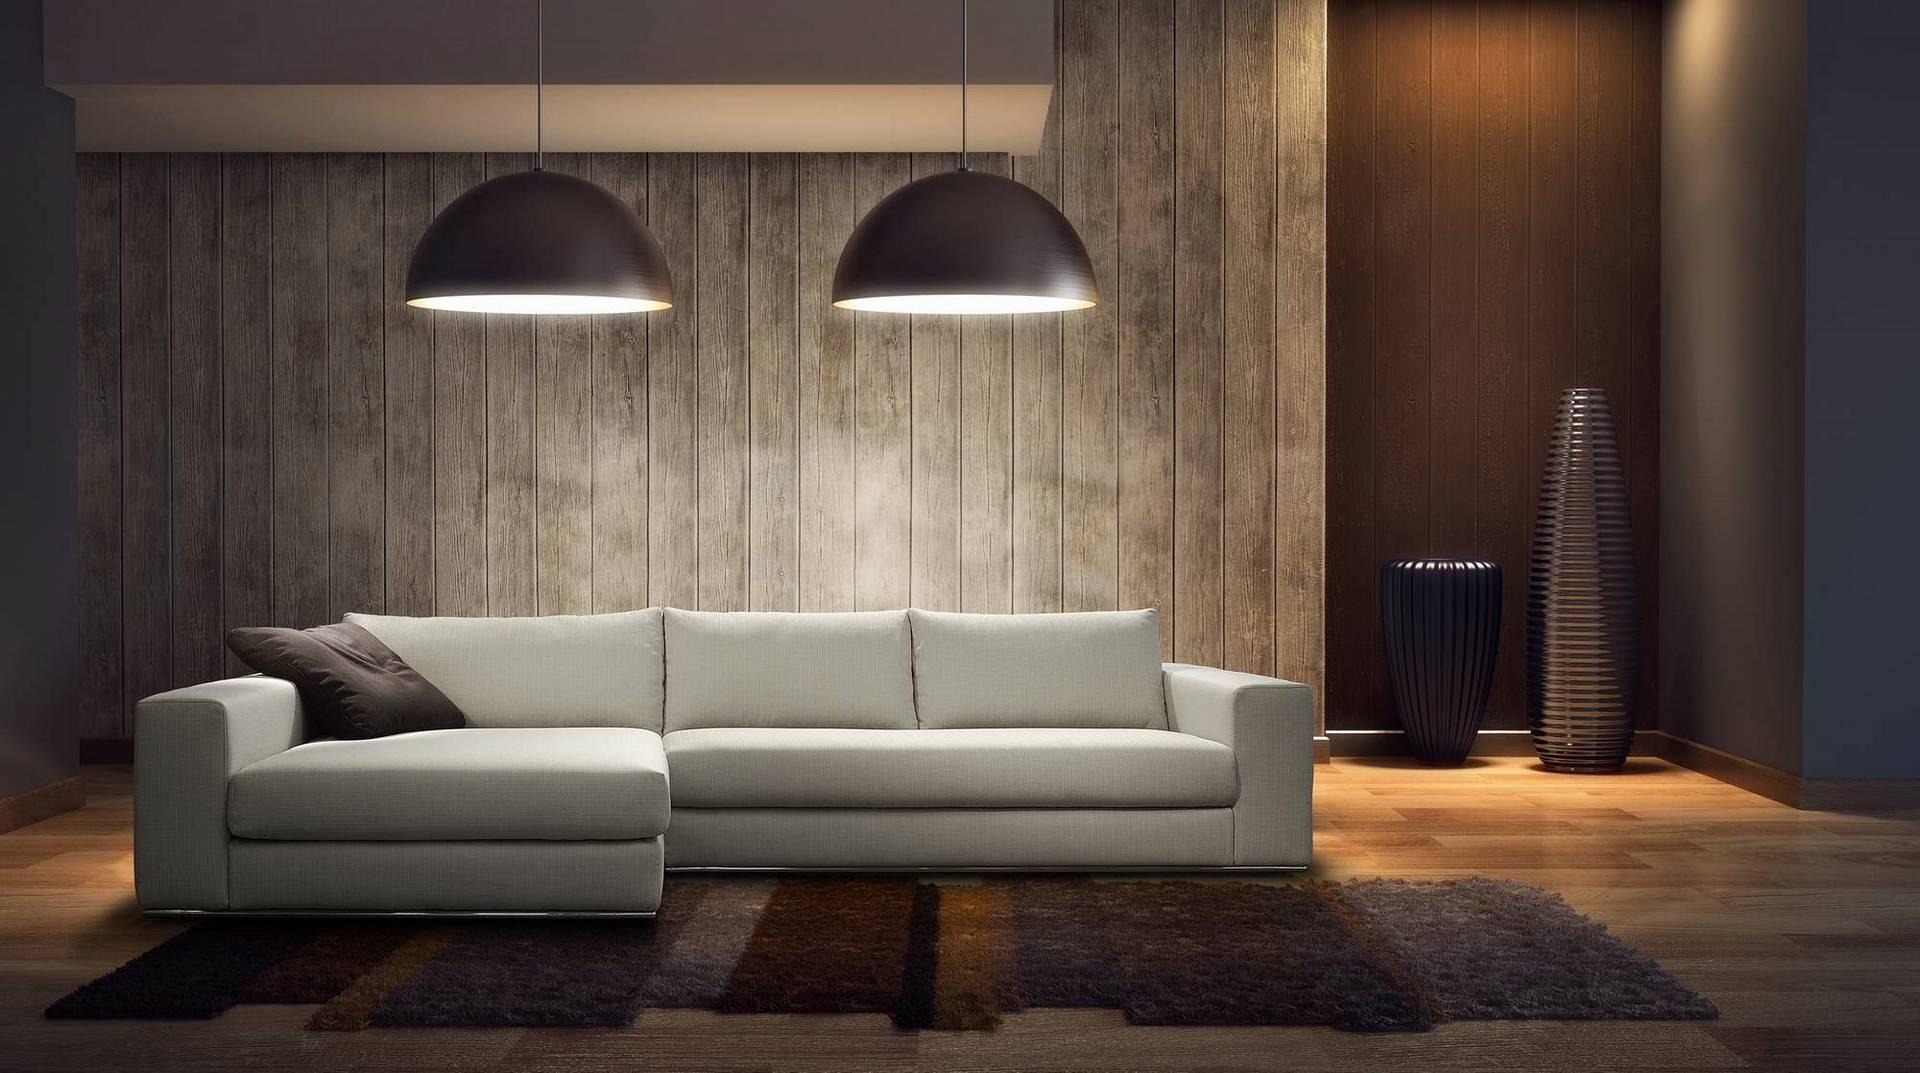 Idee per arredare il salotto studio selectiv - Divano al centro della stanza ...